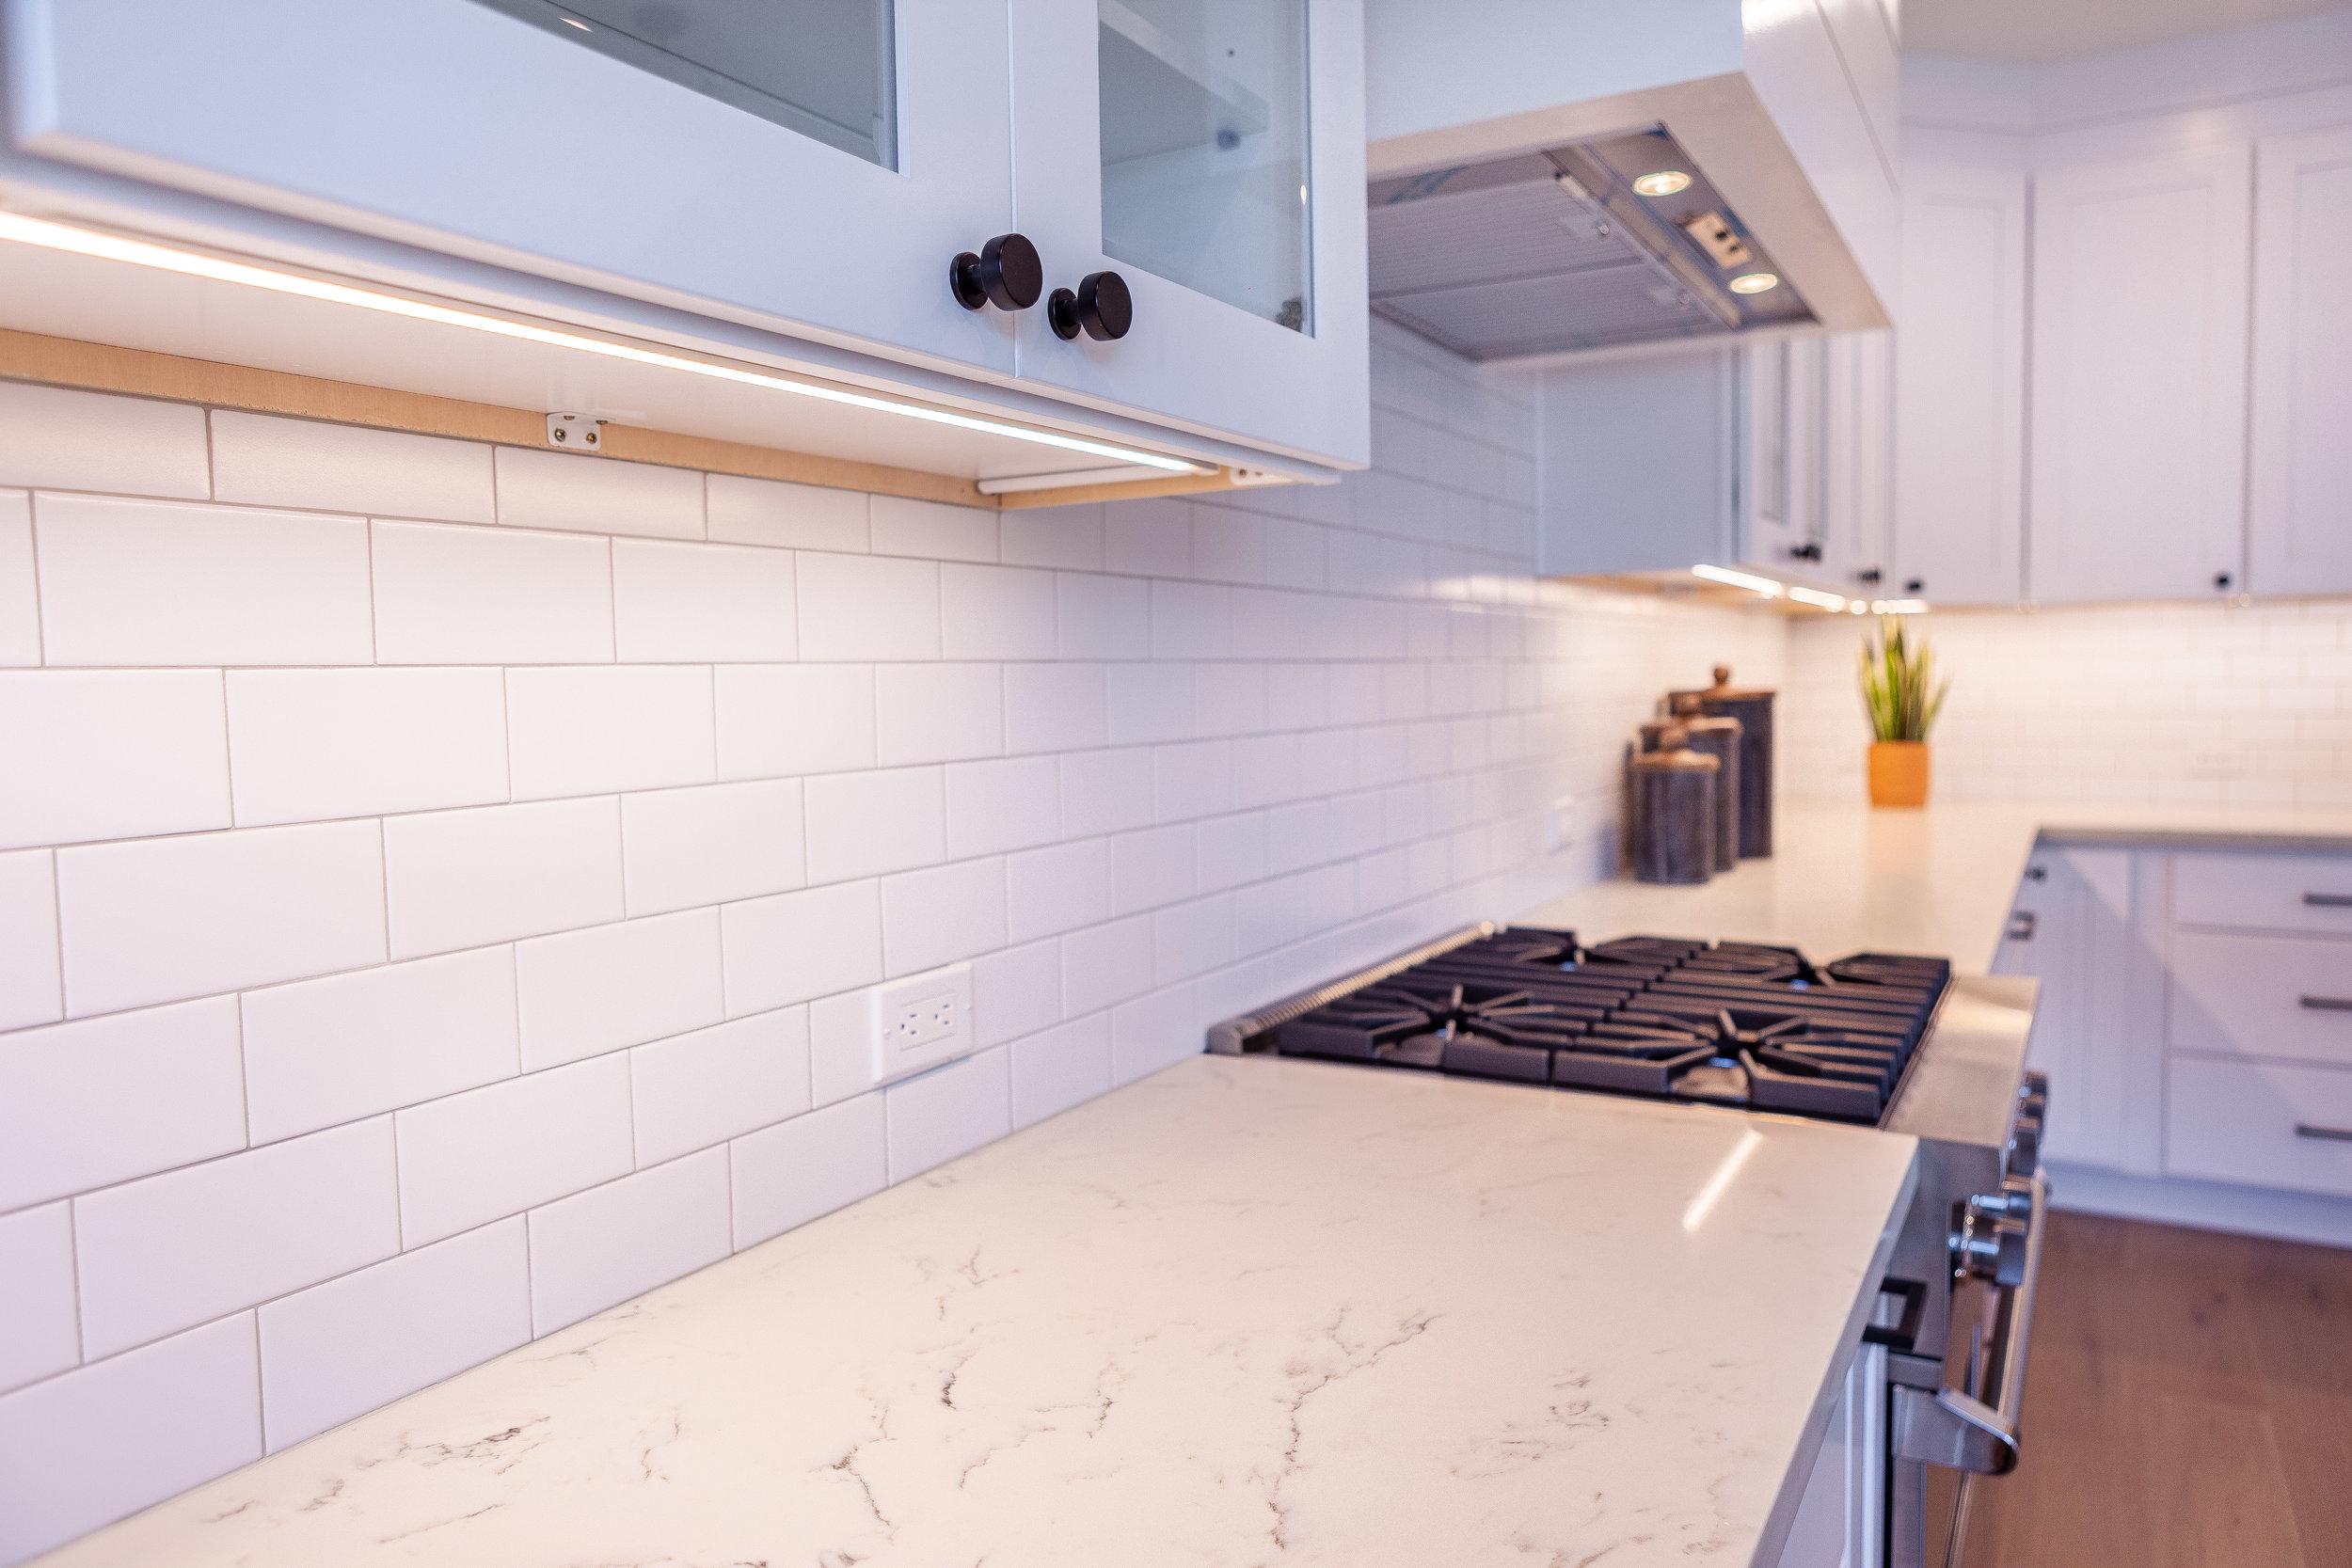 KitchenPortraitBackSplash.jpg